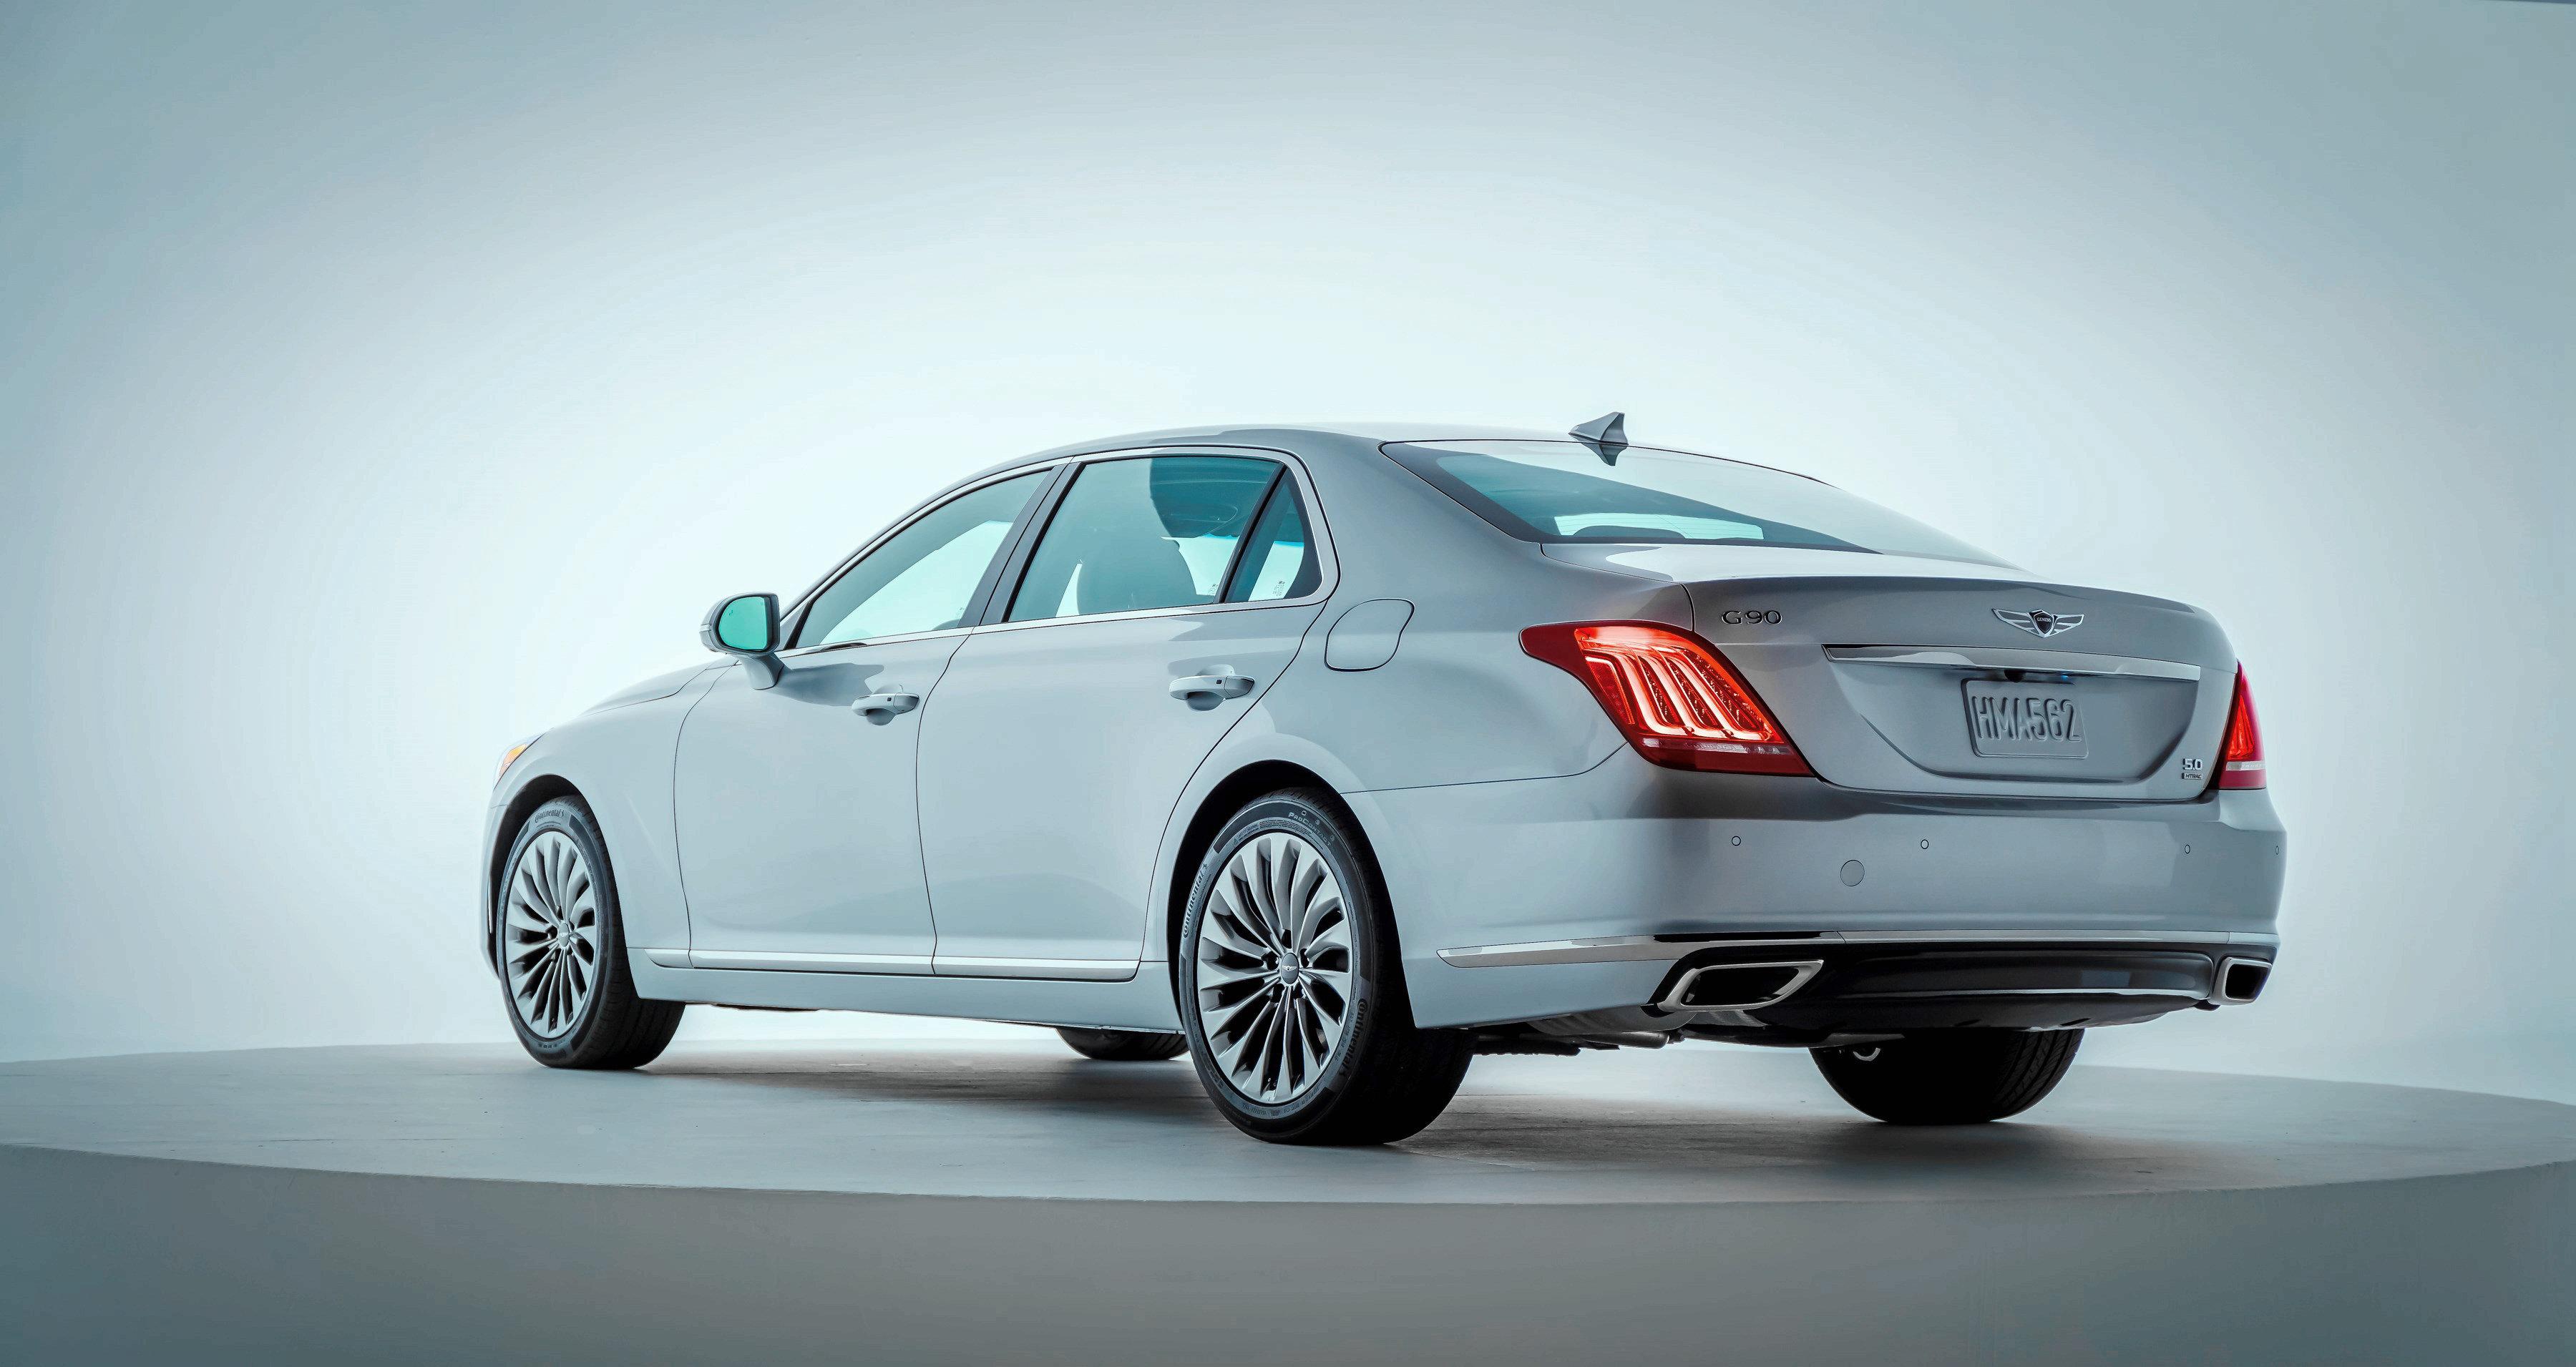 корейский премиум седан Genesis G90 оценили в 445 млн рублей за